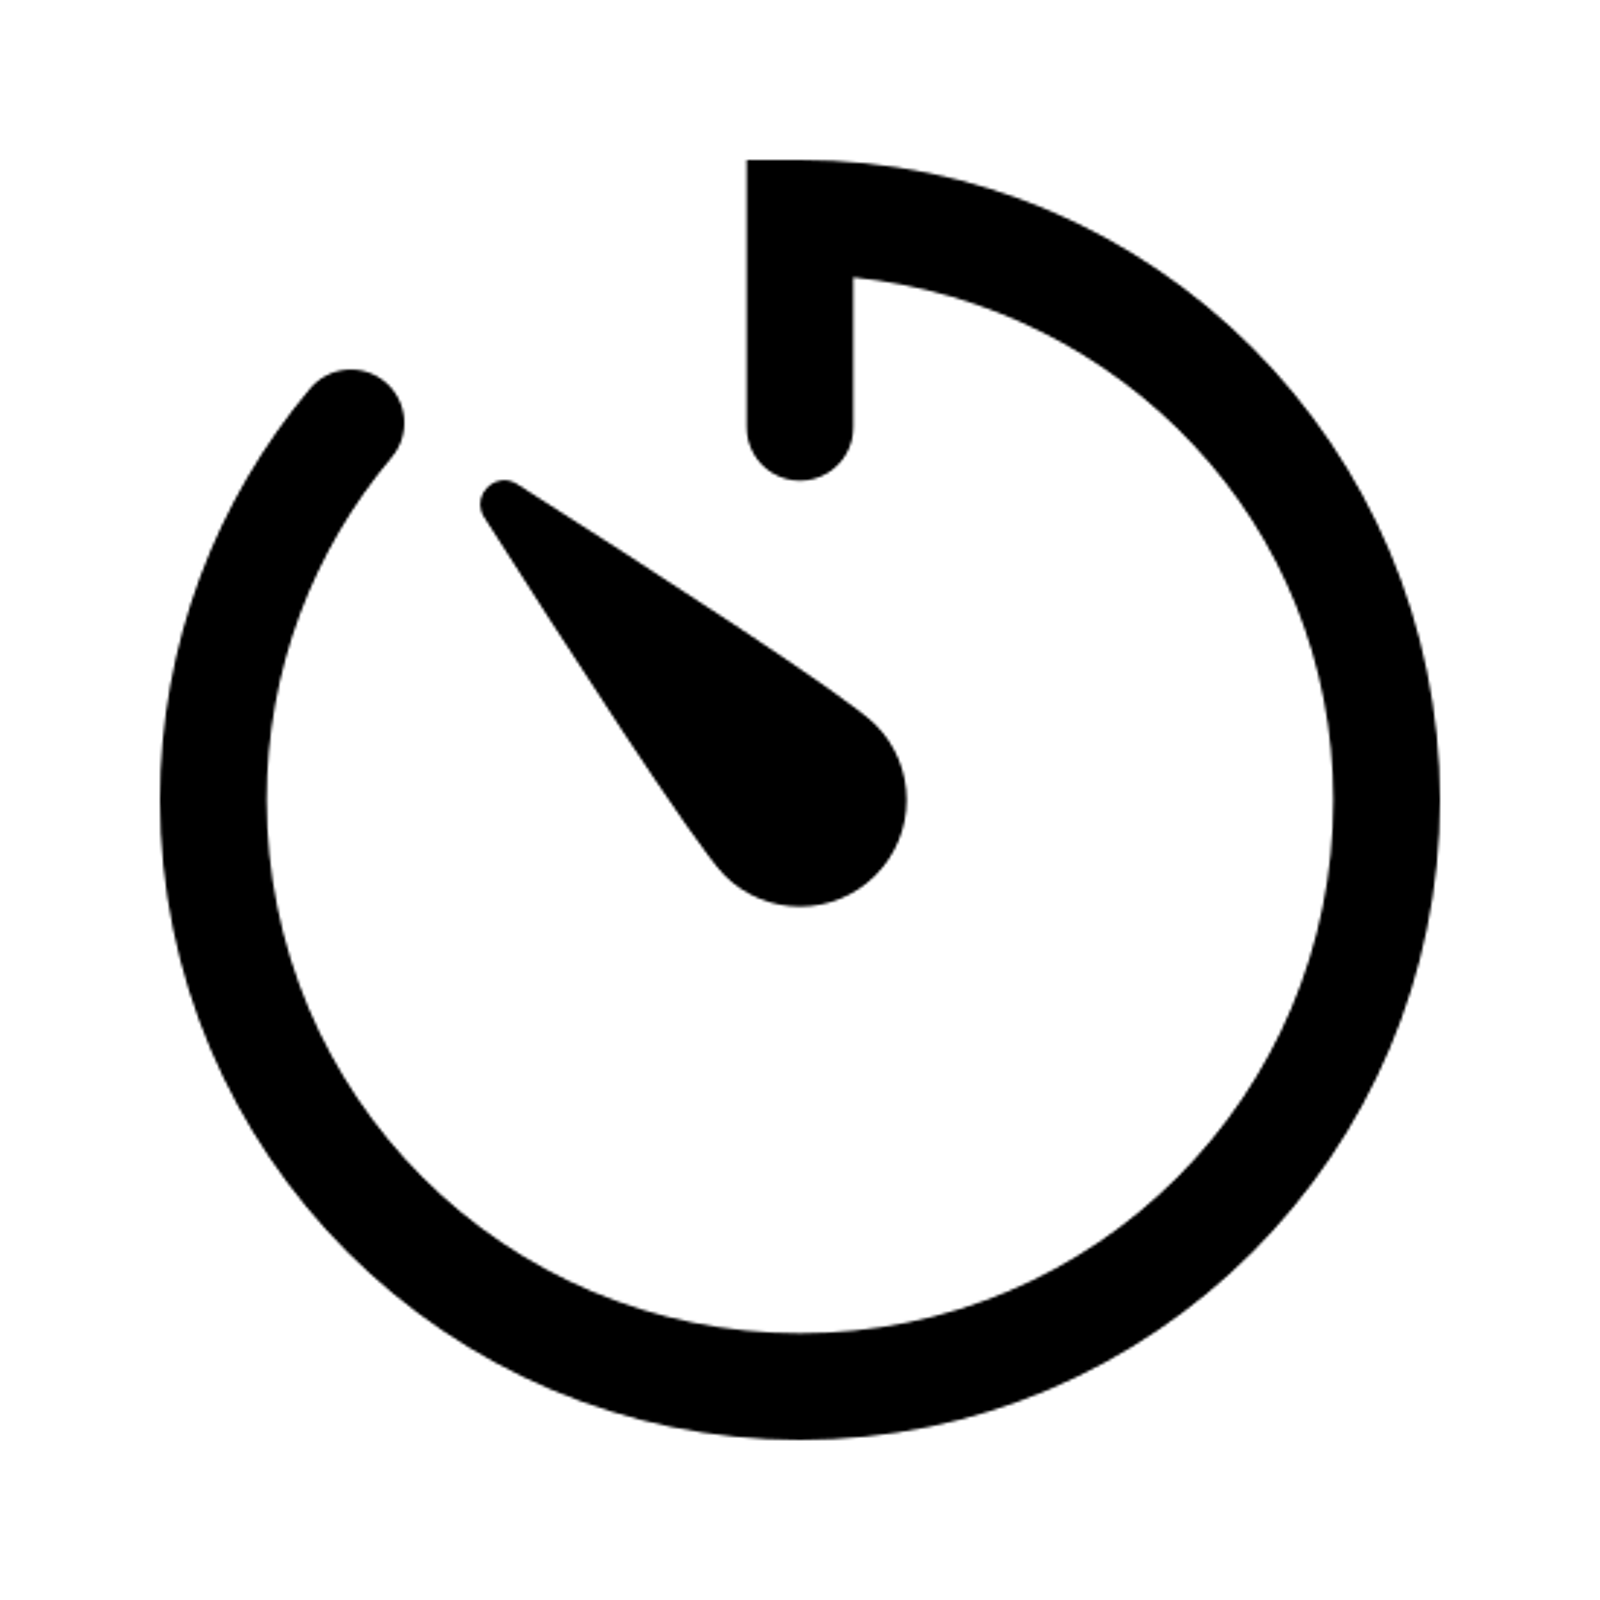 Таймер icon